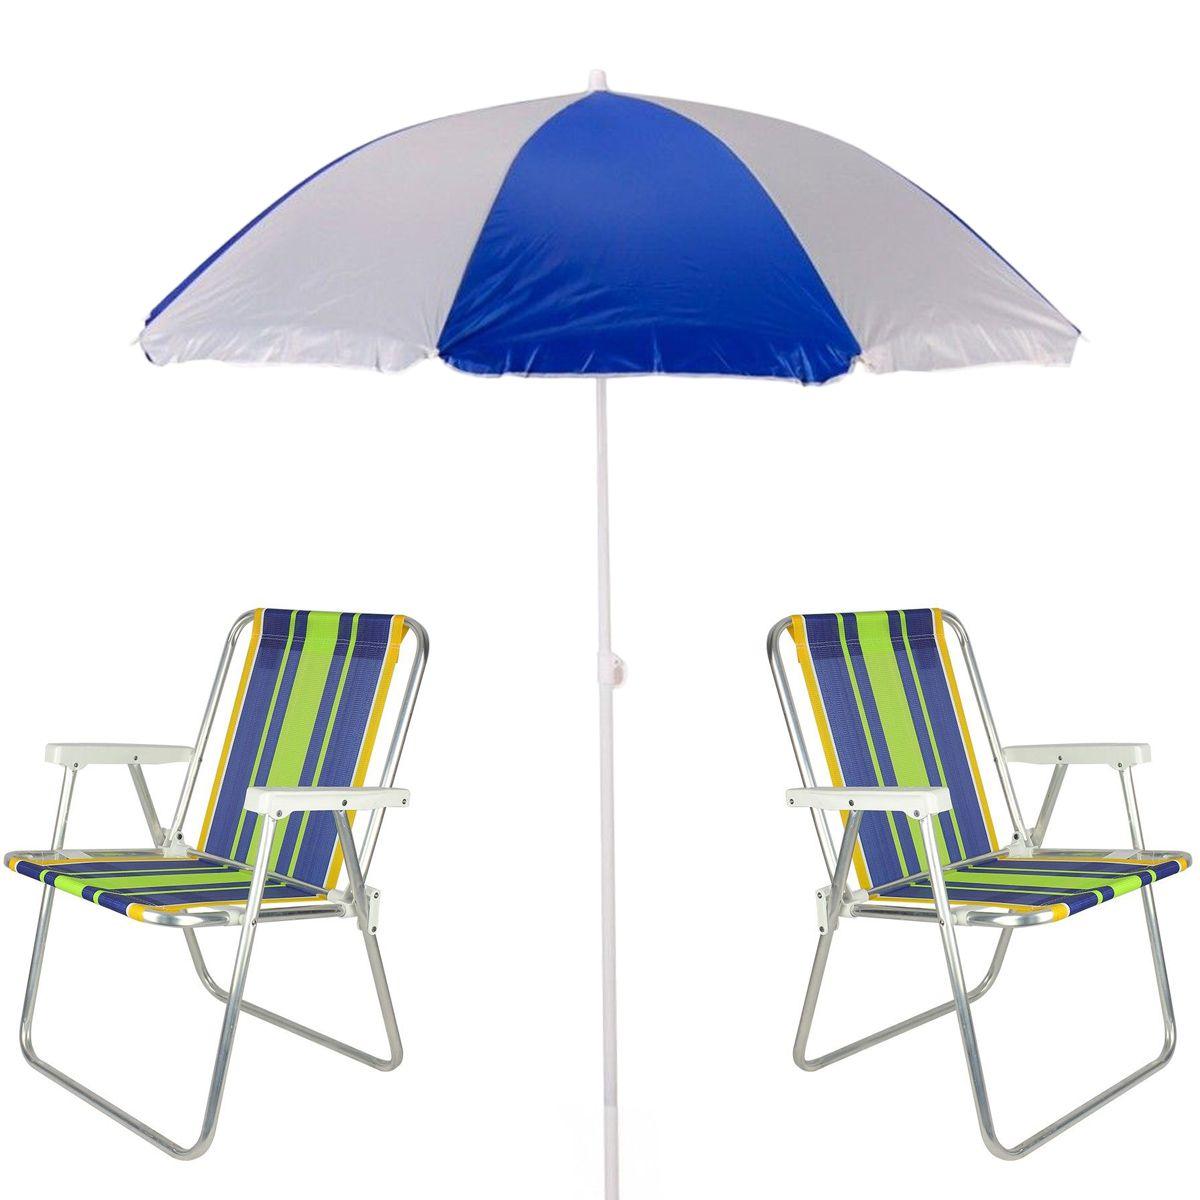 2 Cadeiras De Praia Aluminio + Guarda Sol De Praia Mor